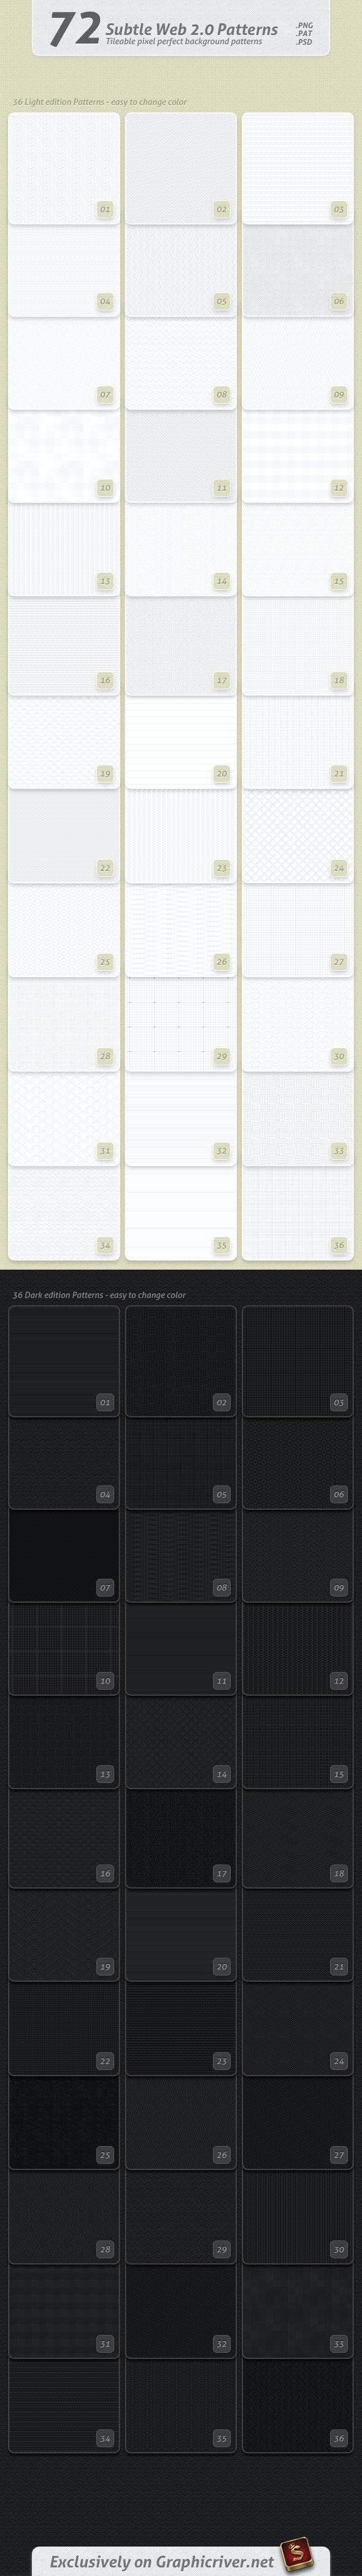 72 Subtle Web 2.0 Patterns - Textures / Fills / Patterns Photoshop